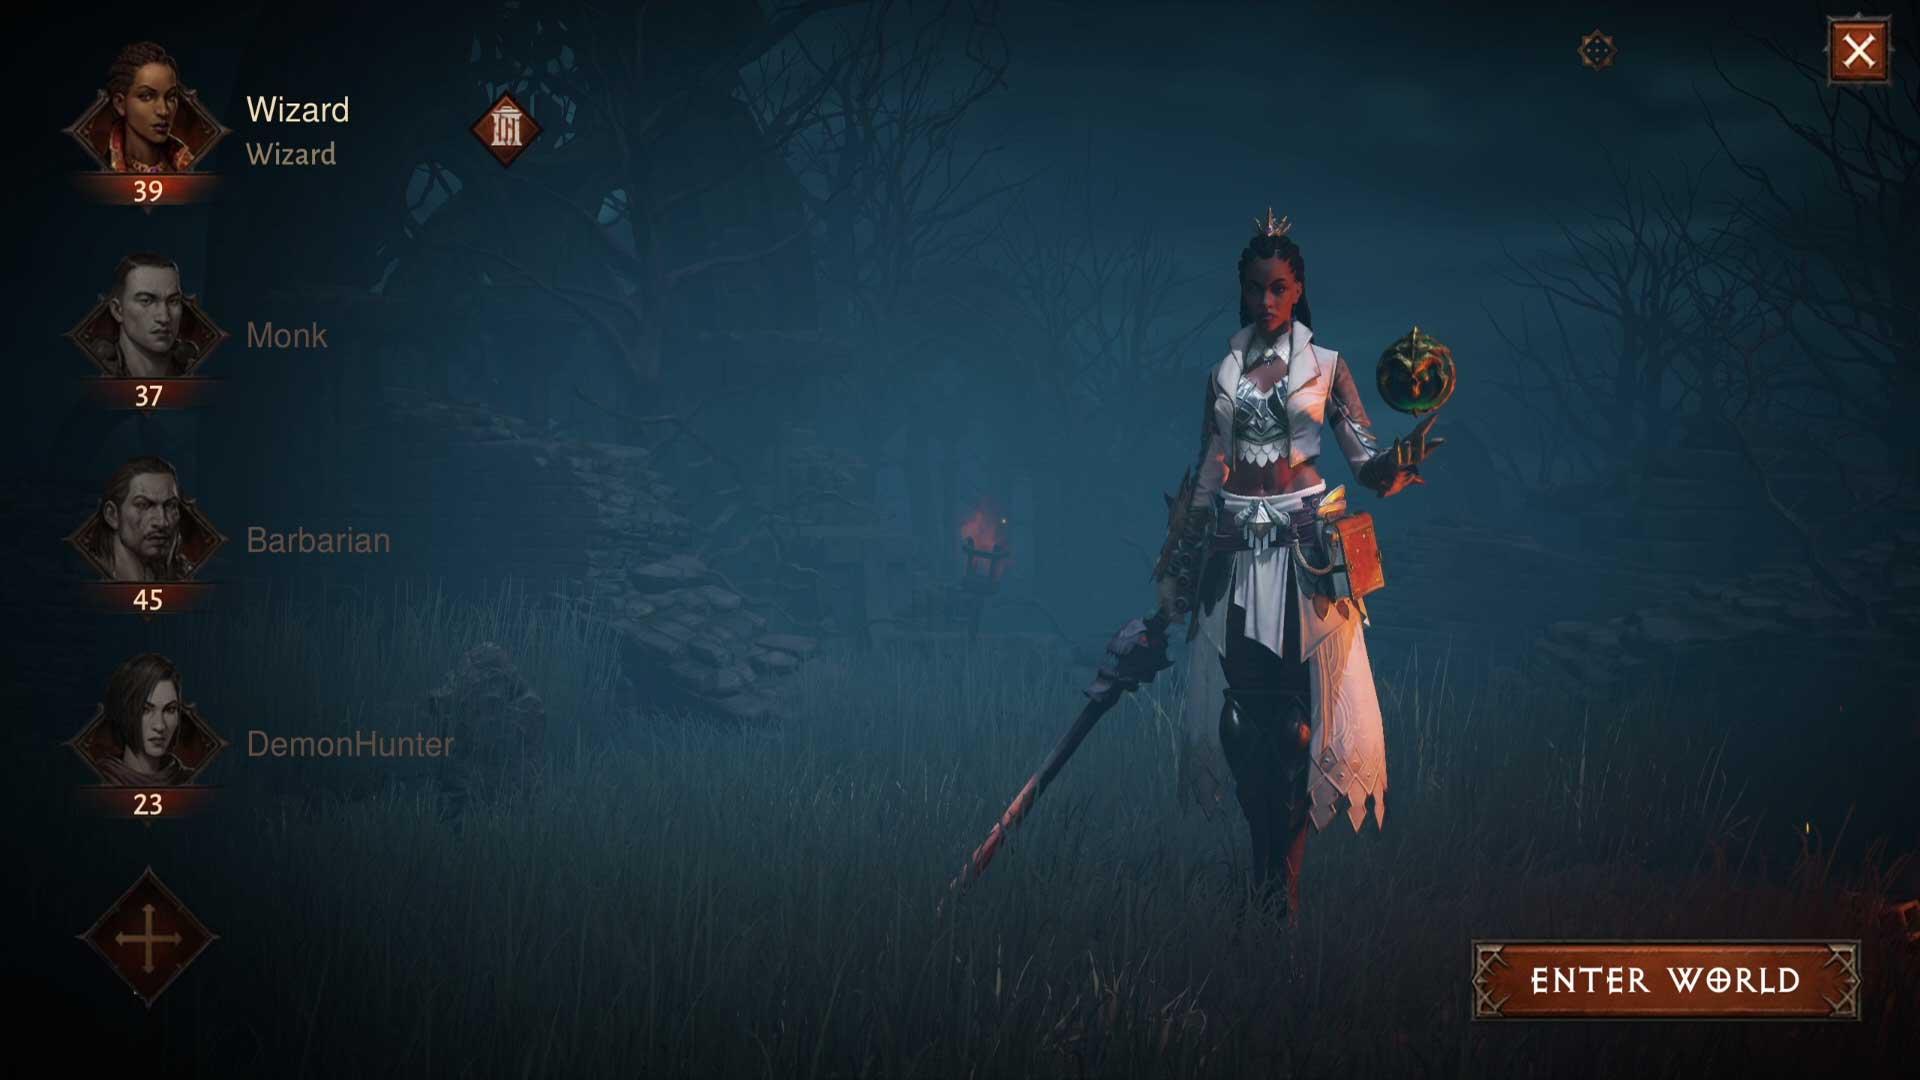 Charaktere in Diablo Immortal